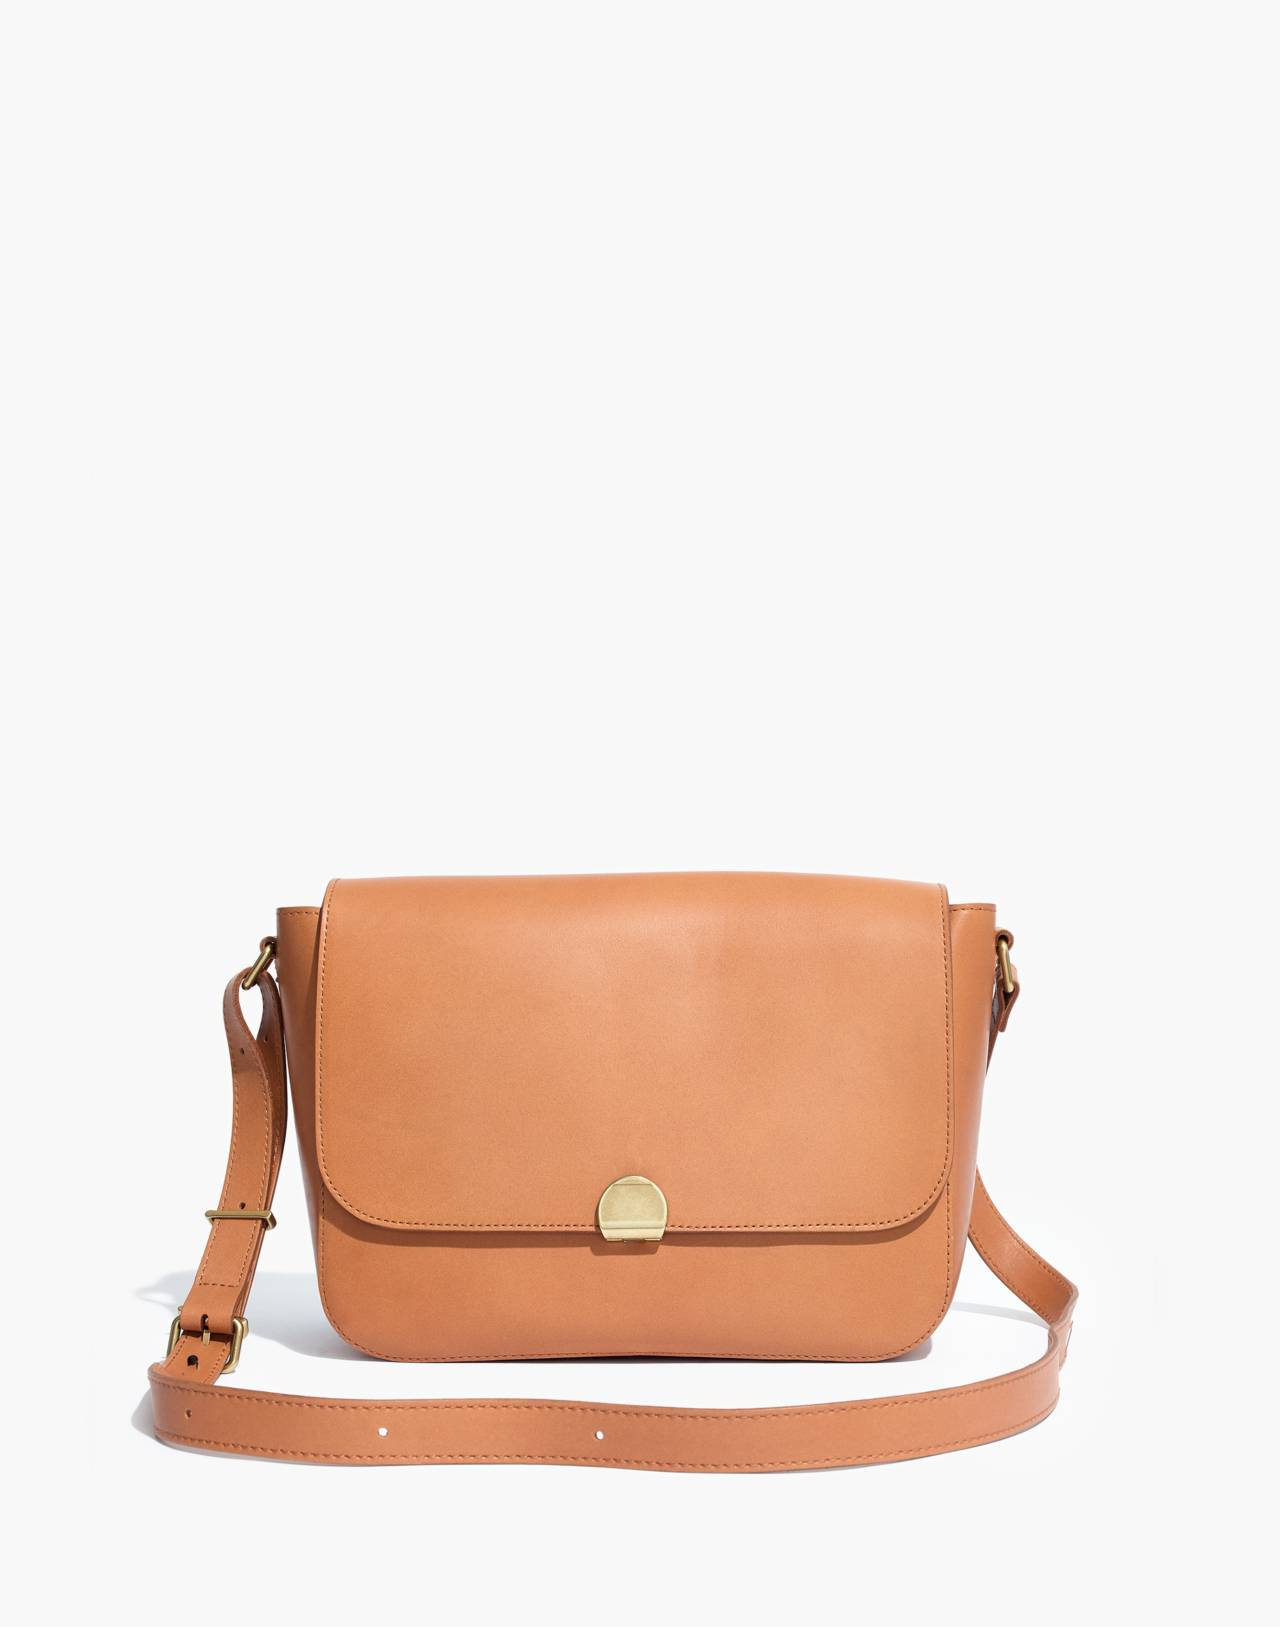 The Abroad Shoulder Bag in desert camel image 1